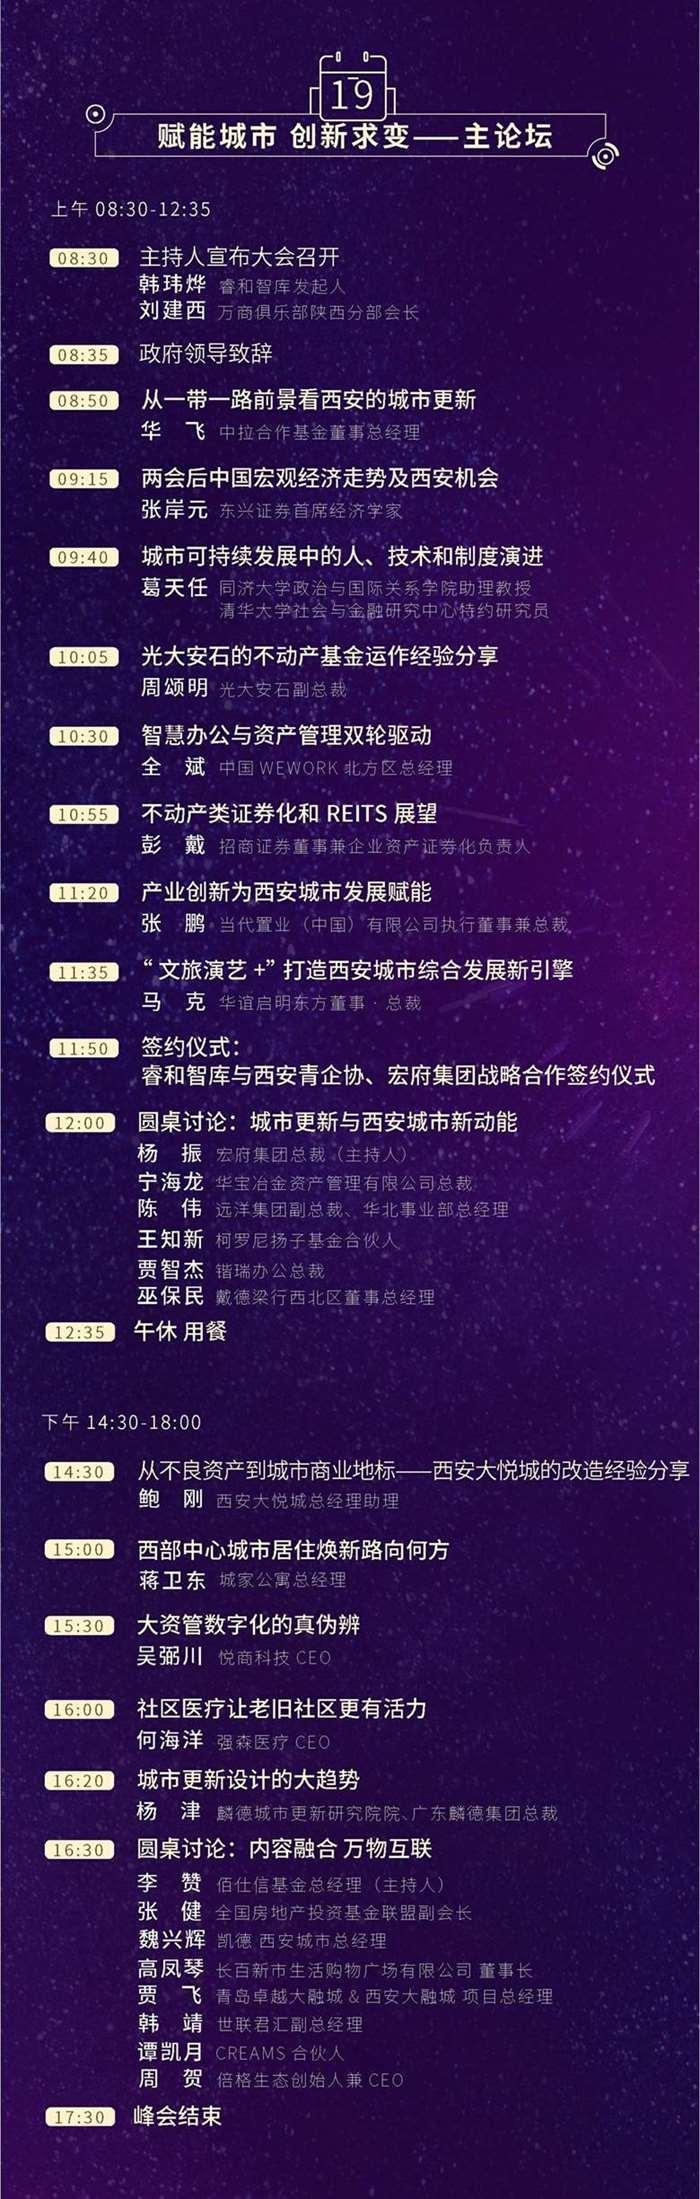 西安峰会长图新-02-01_04.jpg